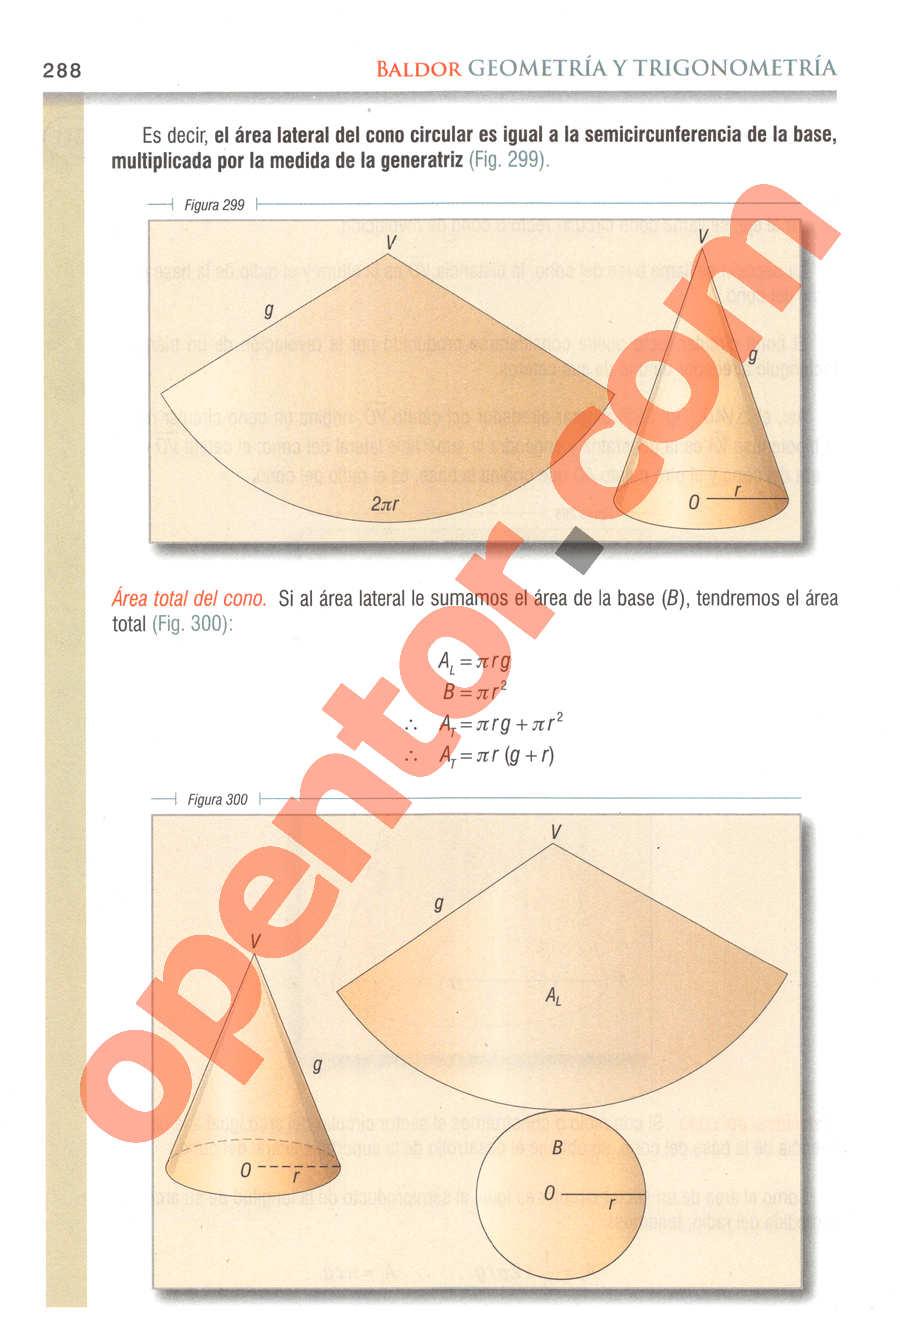 Geometría y Trigonometría de Baldor - Página 288